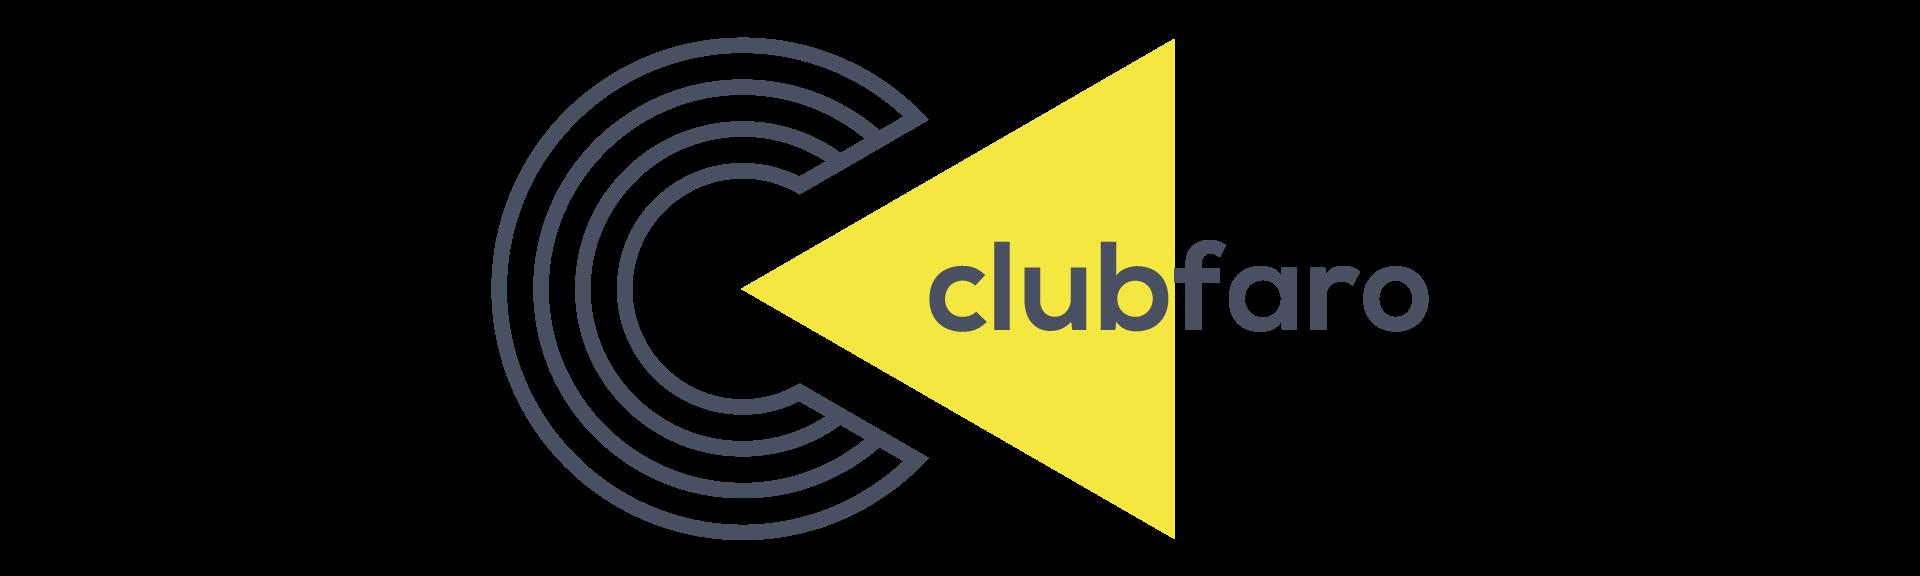 Club Faro de Vigo